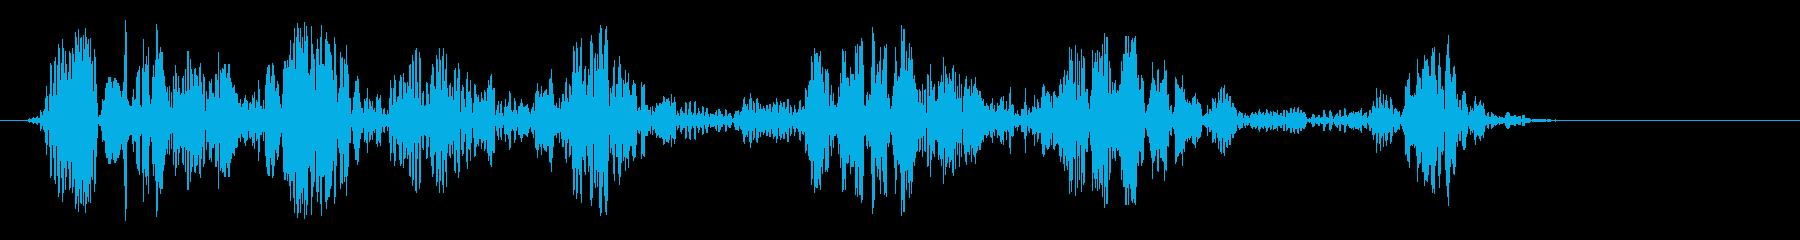 シュワワ(ロープの音)の再生済みの波形